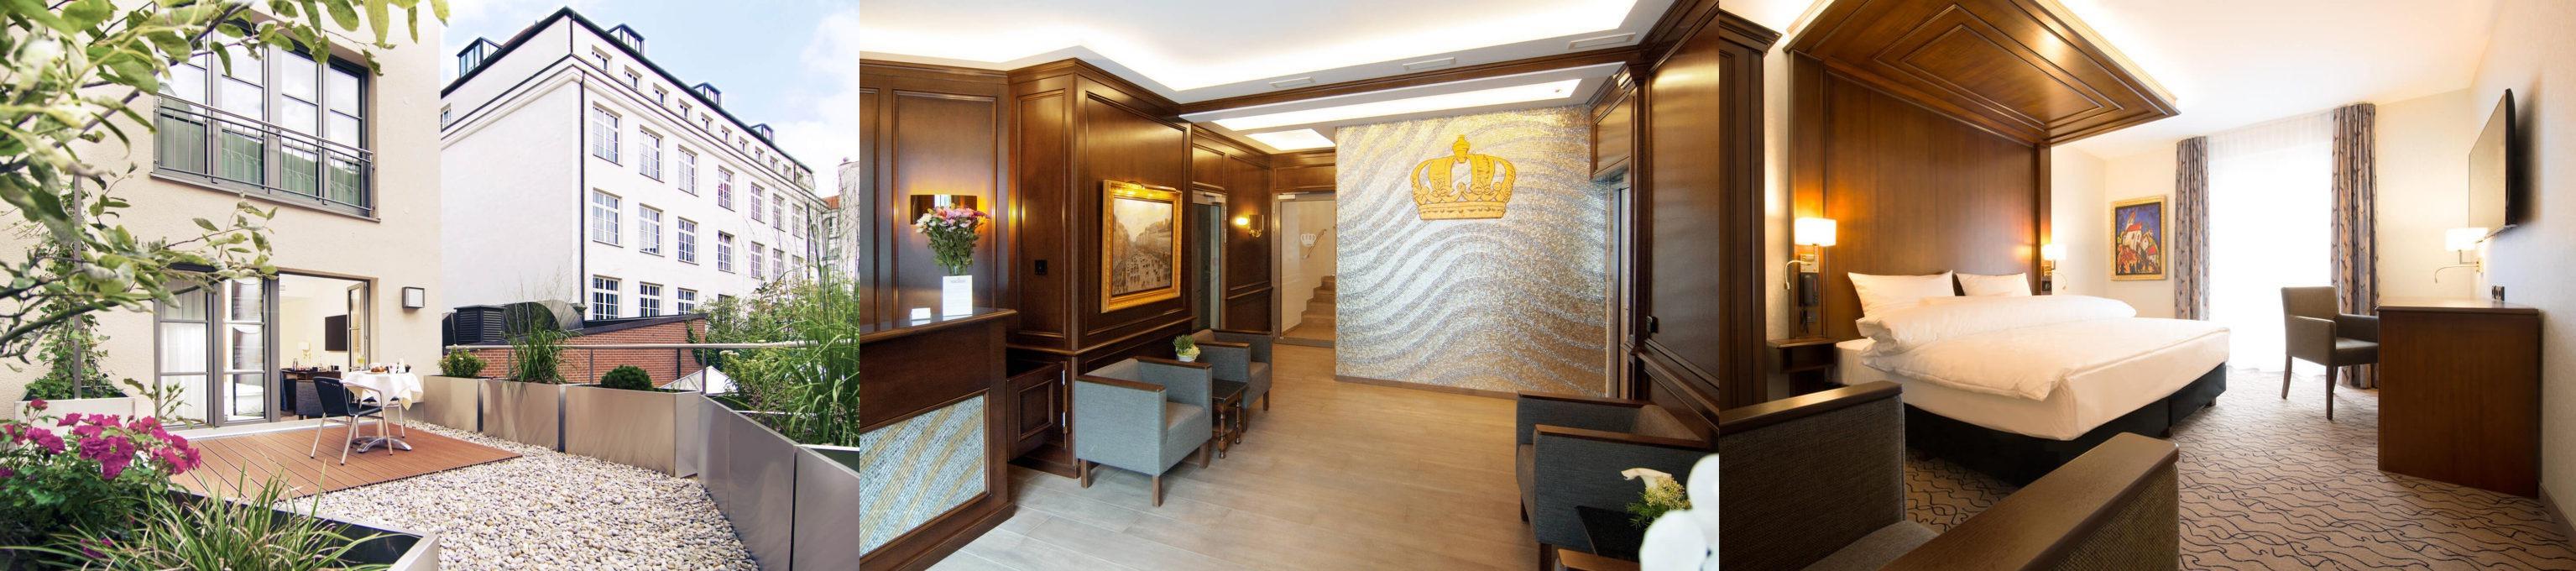 kings hotel citystay